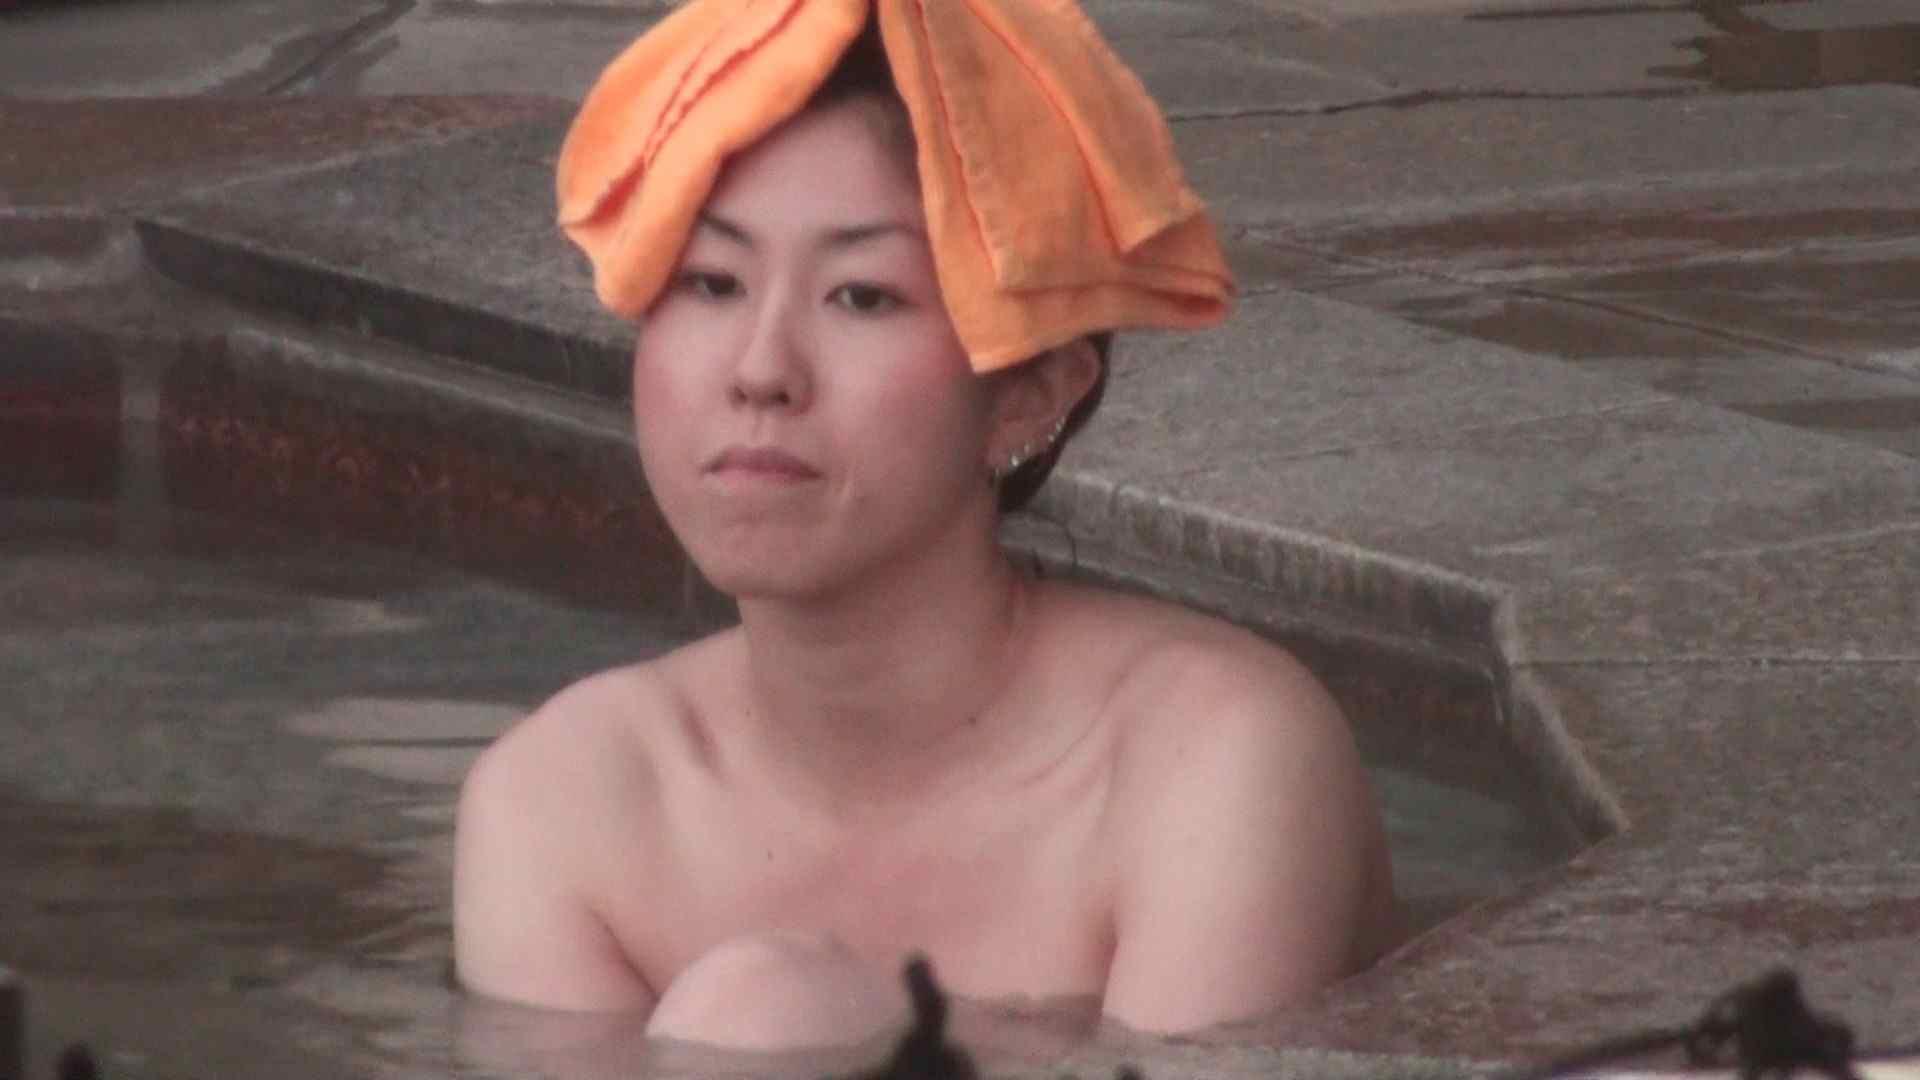 Aquaな露天風呂Vol.135 美しいOLの裸体 覗きおまんこ画像 105pic 104